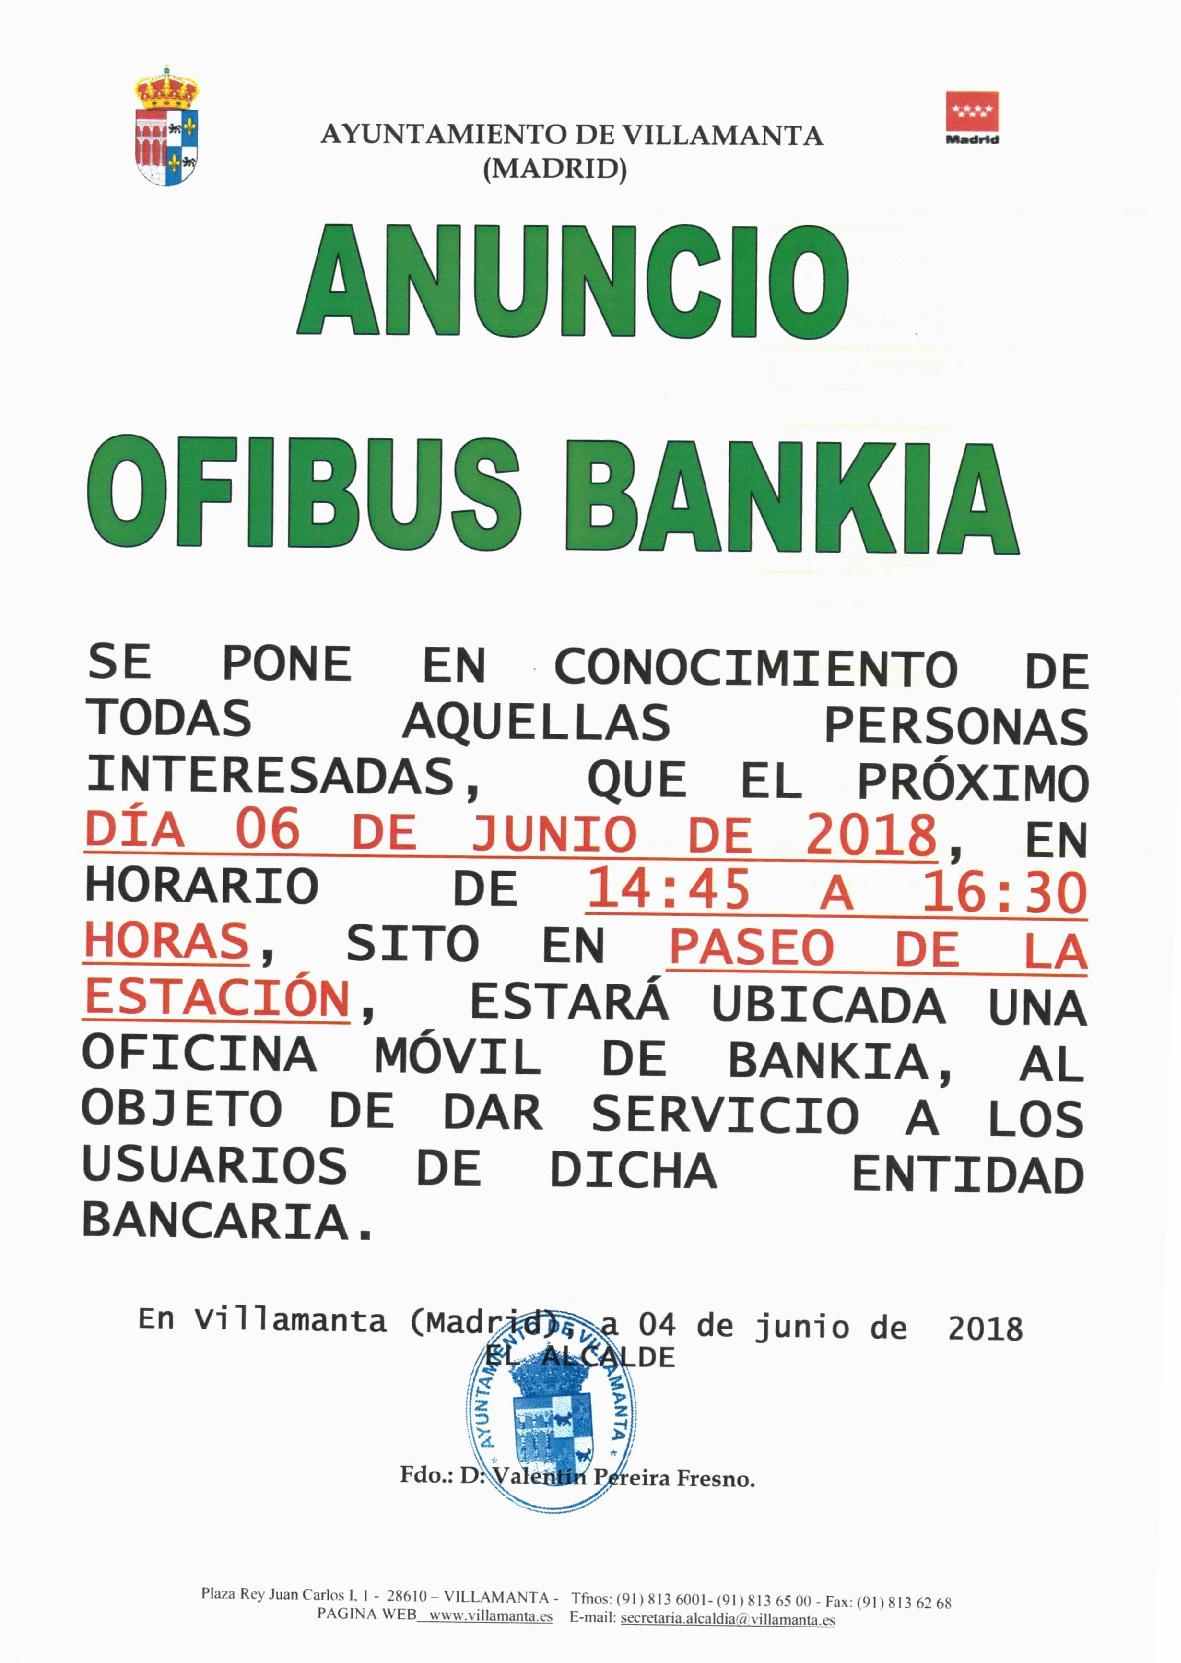 Ofibus Bankia 6 de junio de 2018